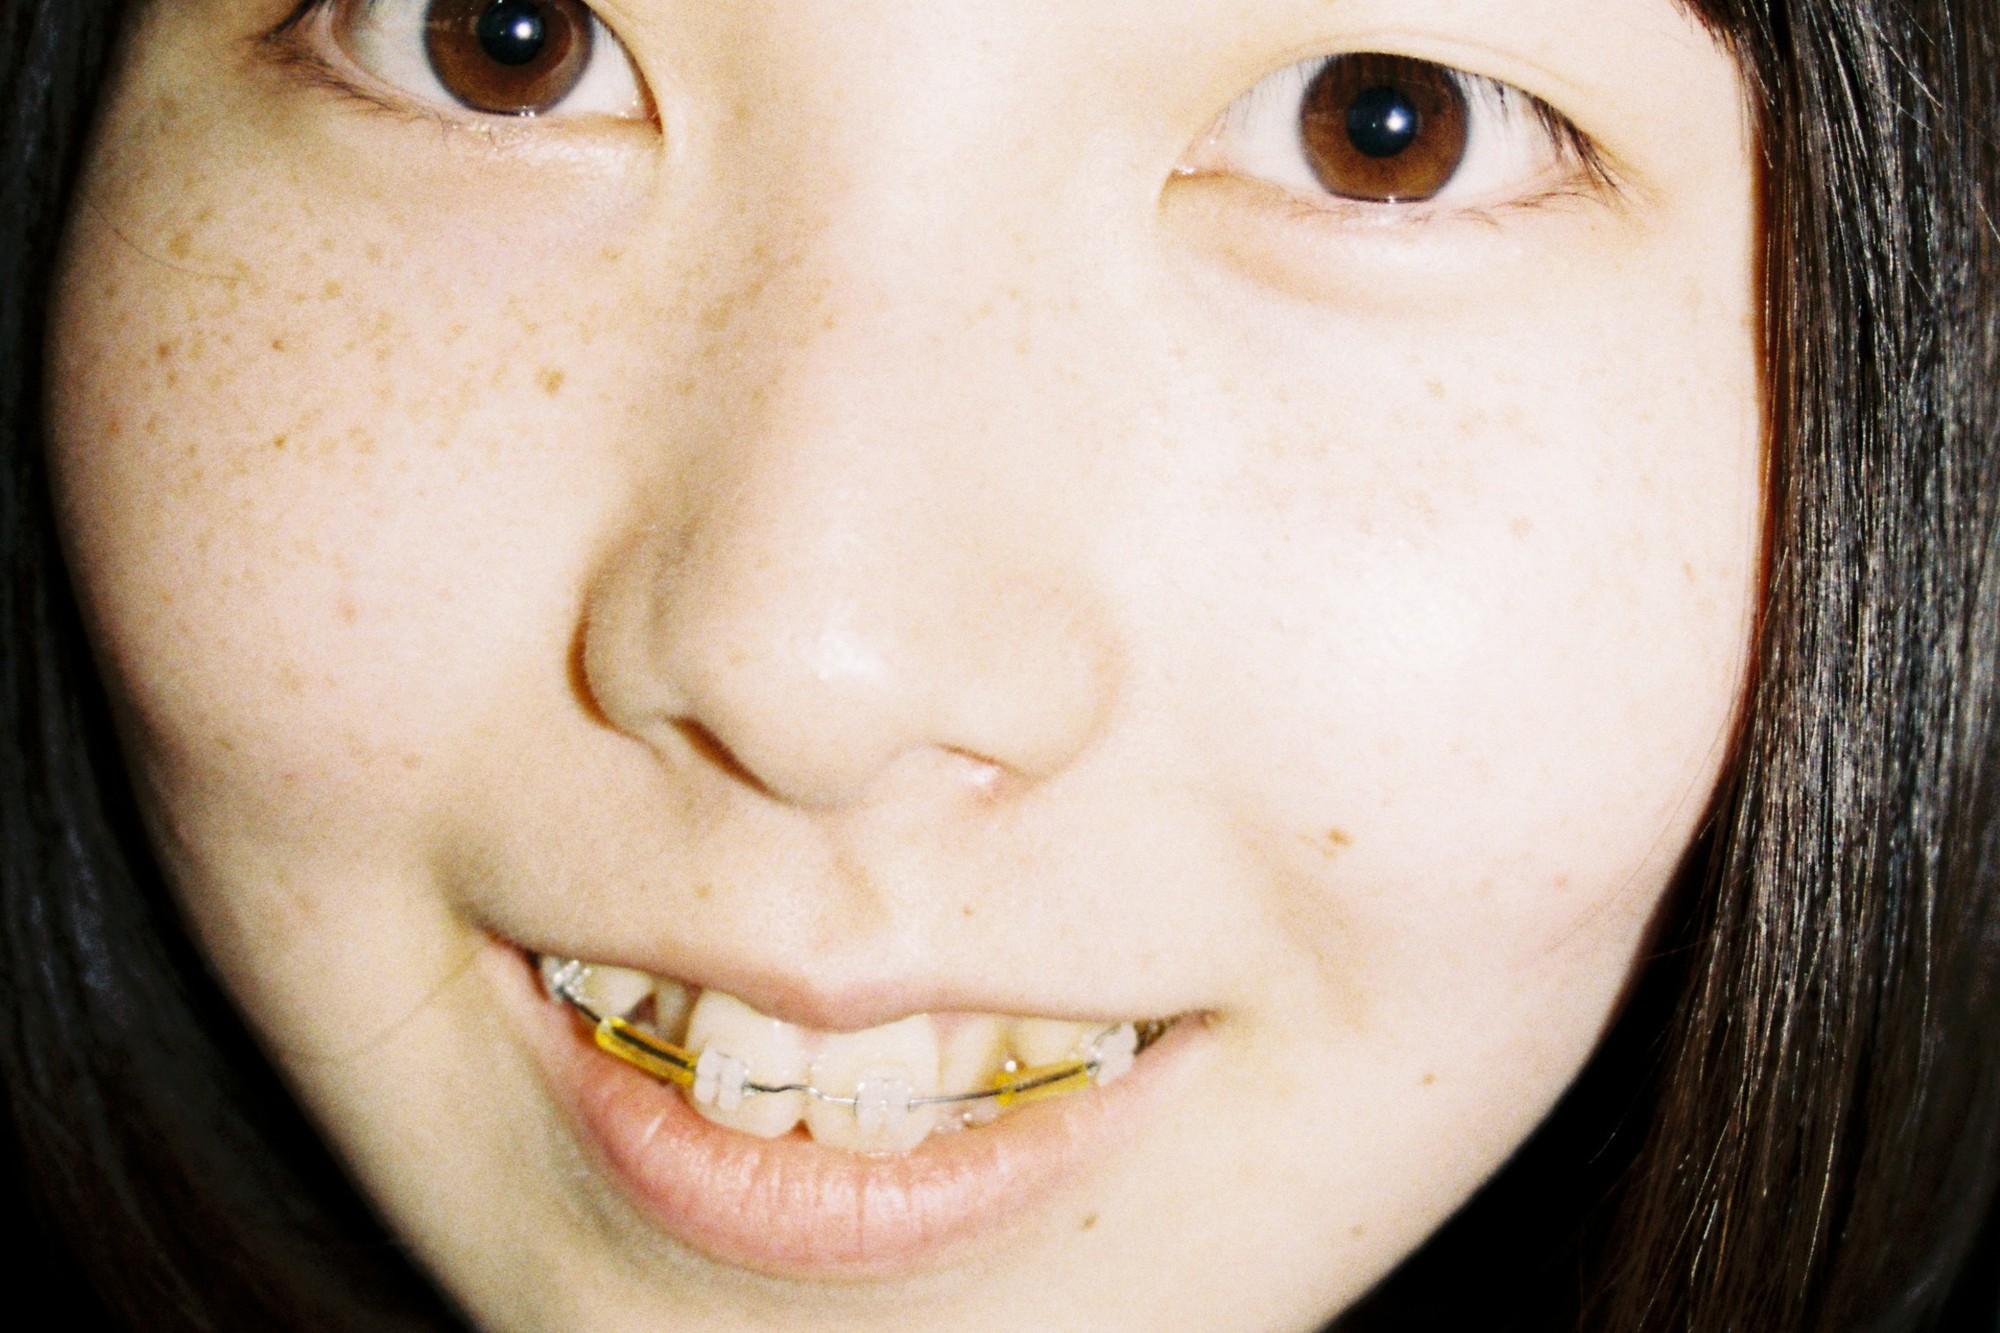 Bộ ảnh độc đáo lột tả cuộc sống nữ sinh trung học Nhật Bản những giờ phút bên ngoài giảng đường - Ảnh 9.